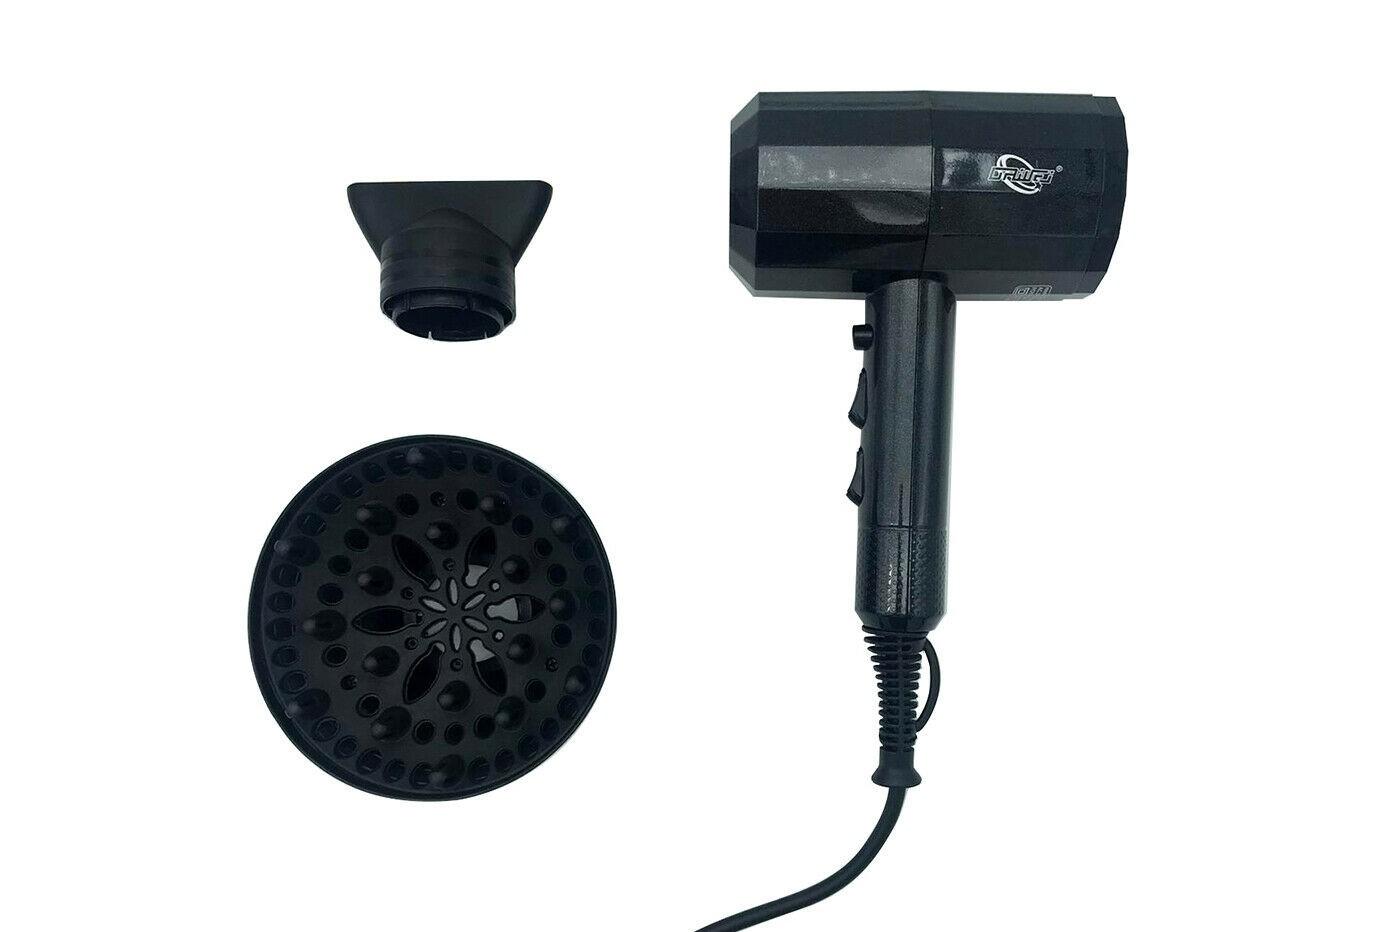 Asciugacapelli DW 045 3000W hair dryer phon per capelli agli ioni con diffusore